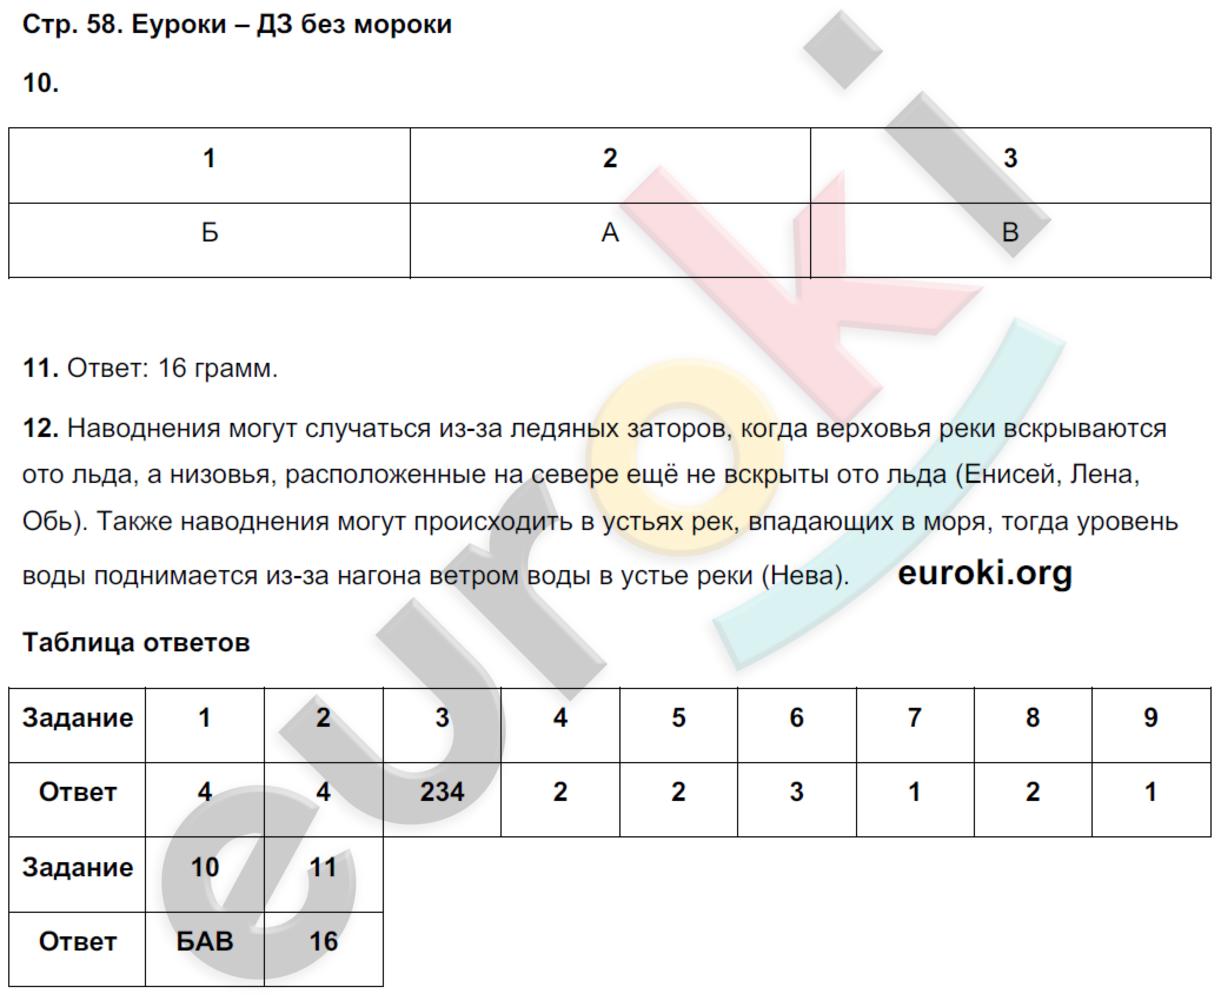 ГДЗ по географии 5 класс тетрадь экзаменатор Барабанов. Задание: стр. 58